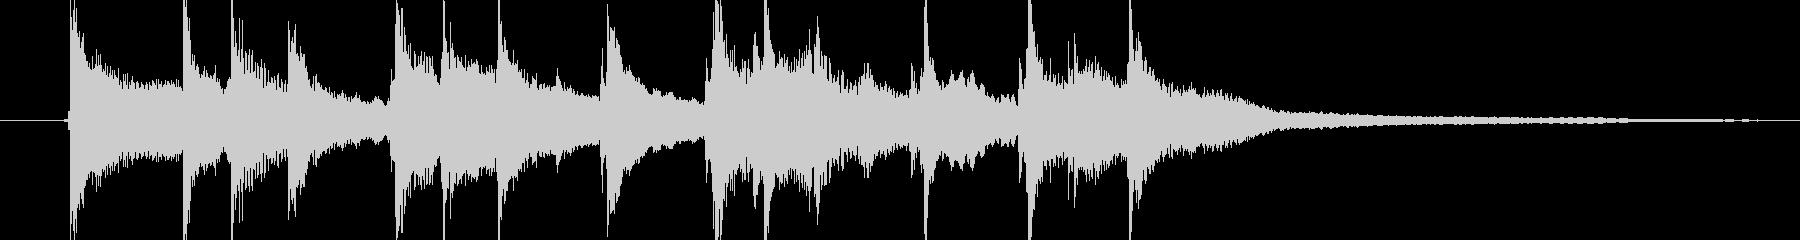 エスニックな3拍子のワルツの未再生の波形